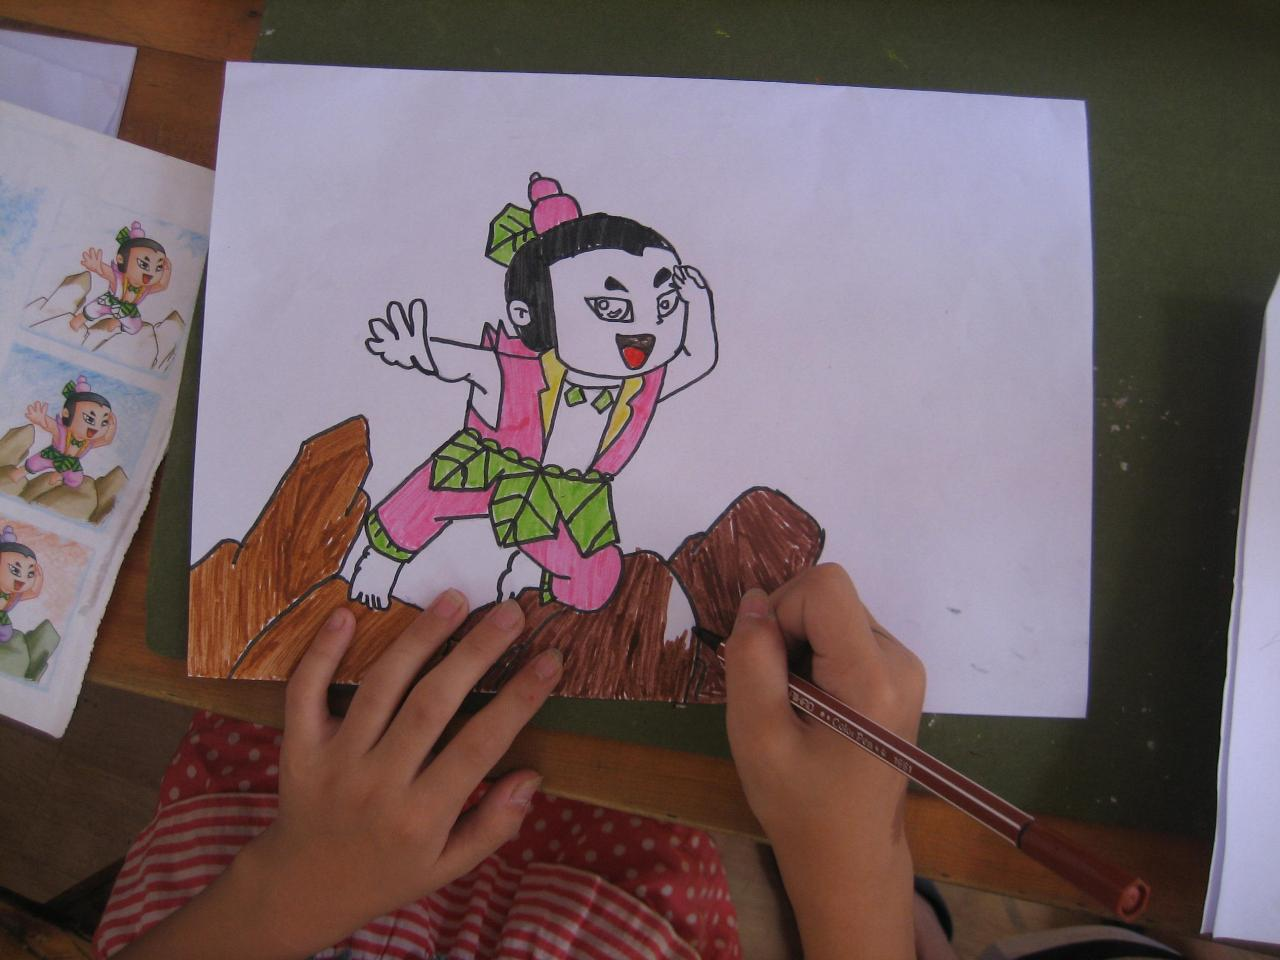 幼儿园考编面试绘画展示